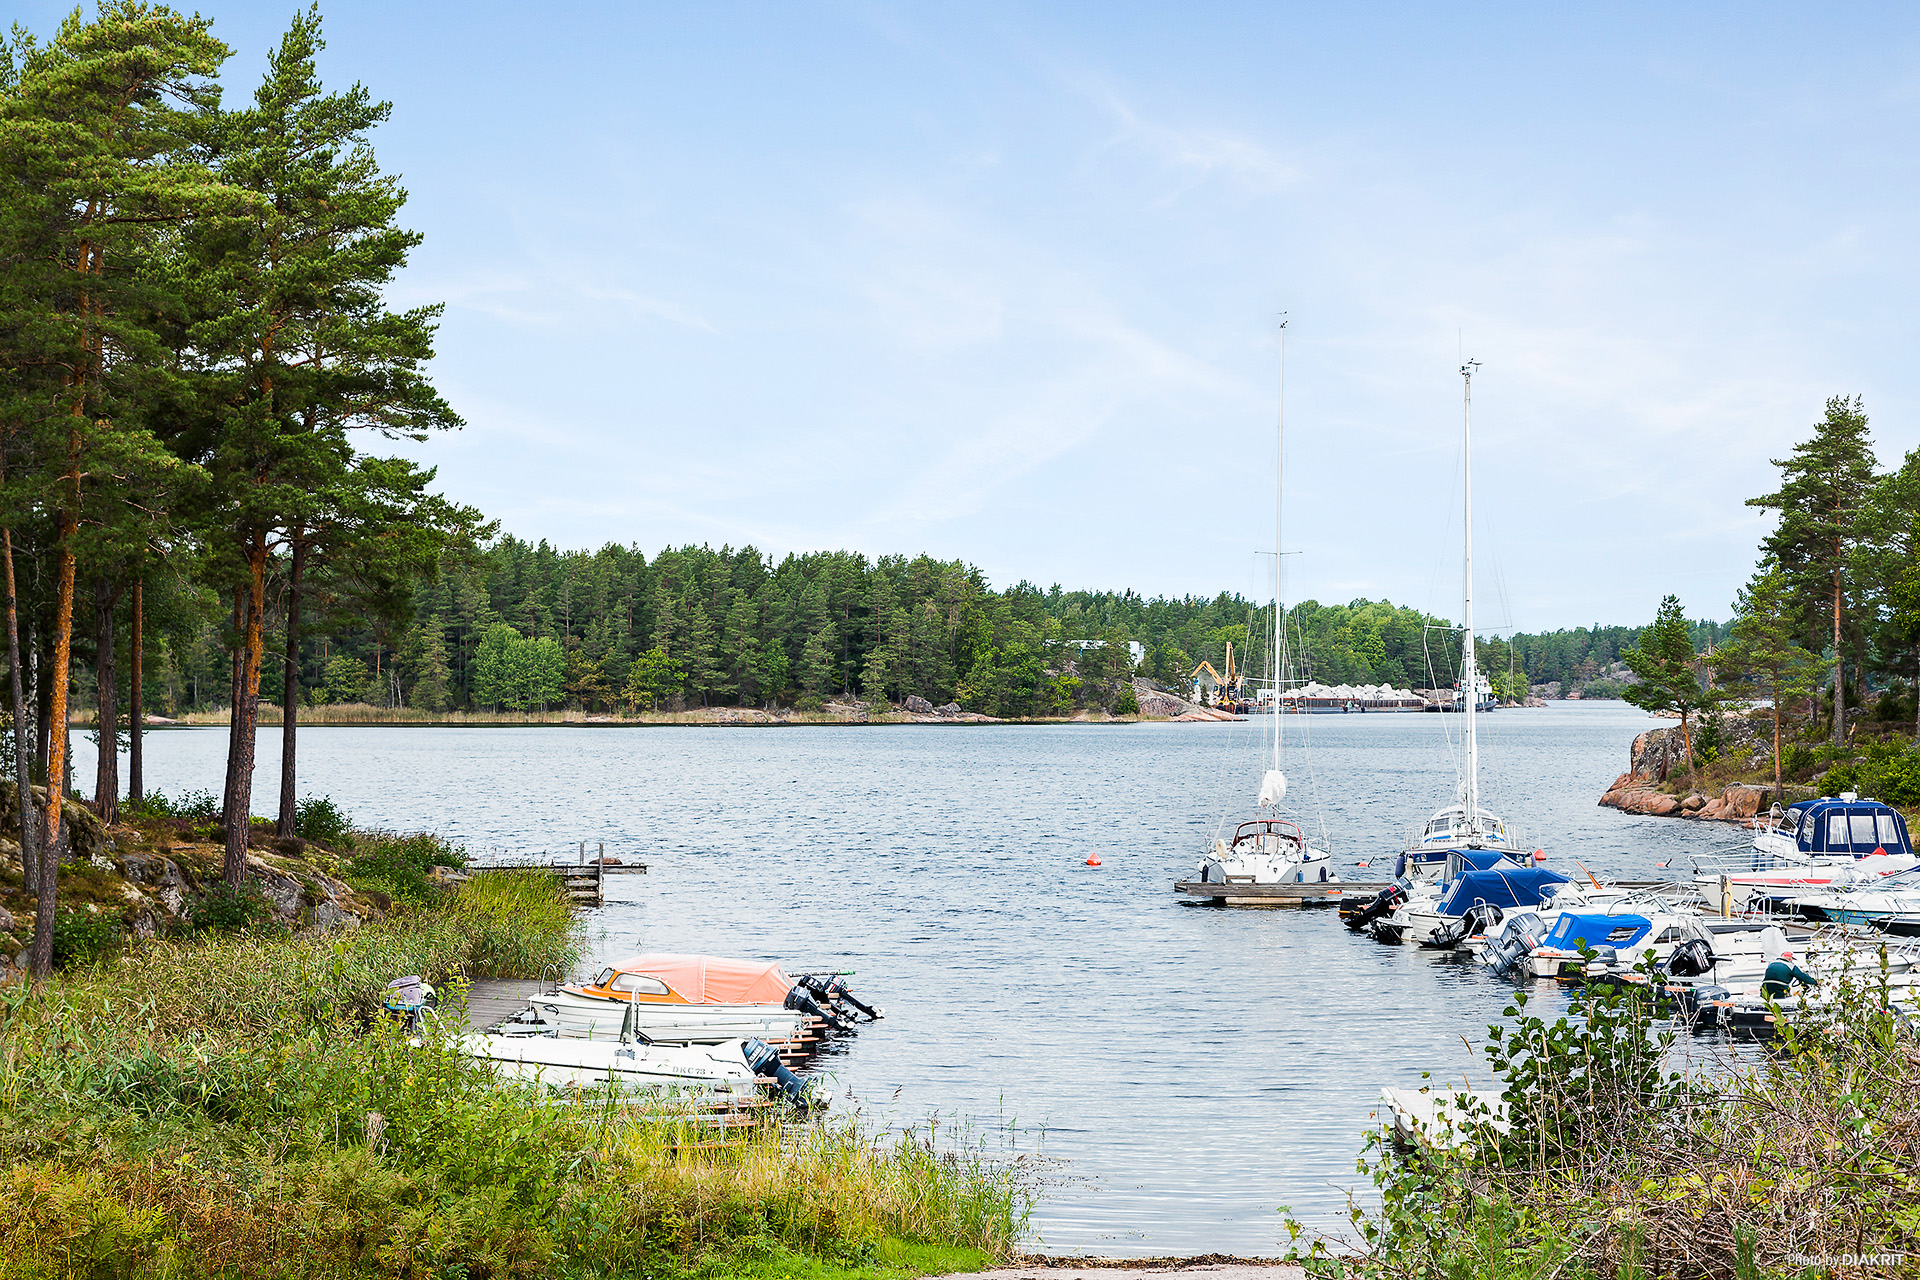 Ca 5-10 minuters gångavstånd till båtplatser och badplats.